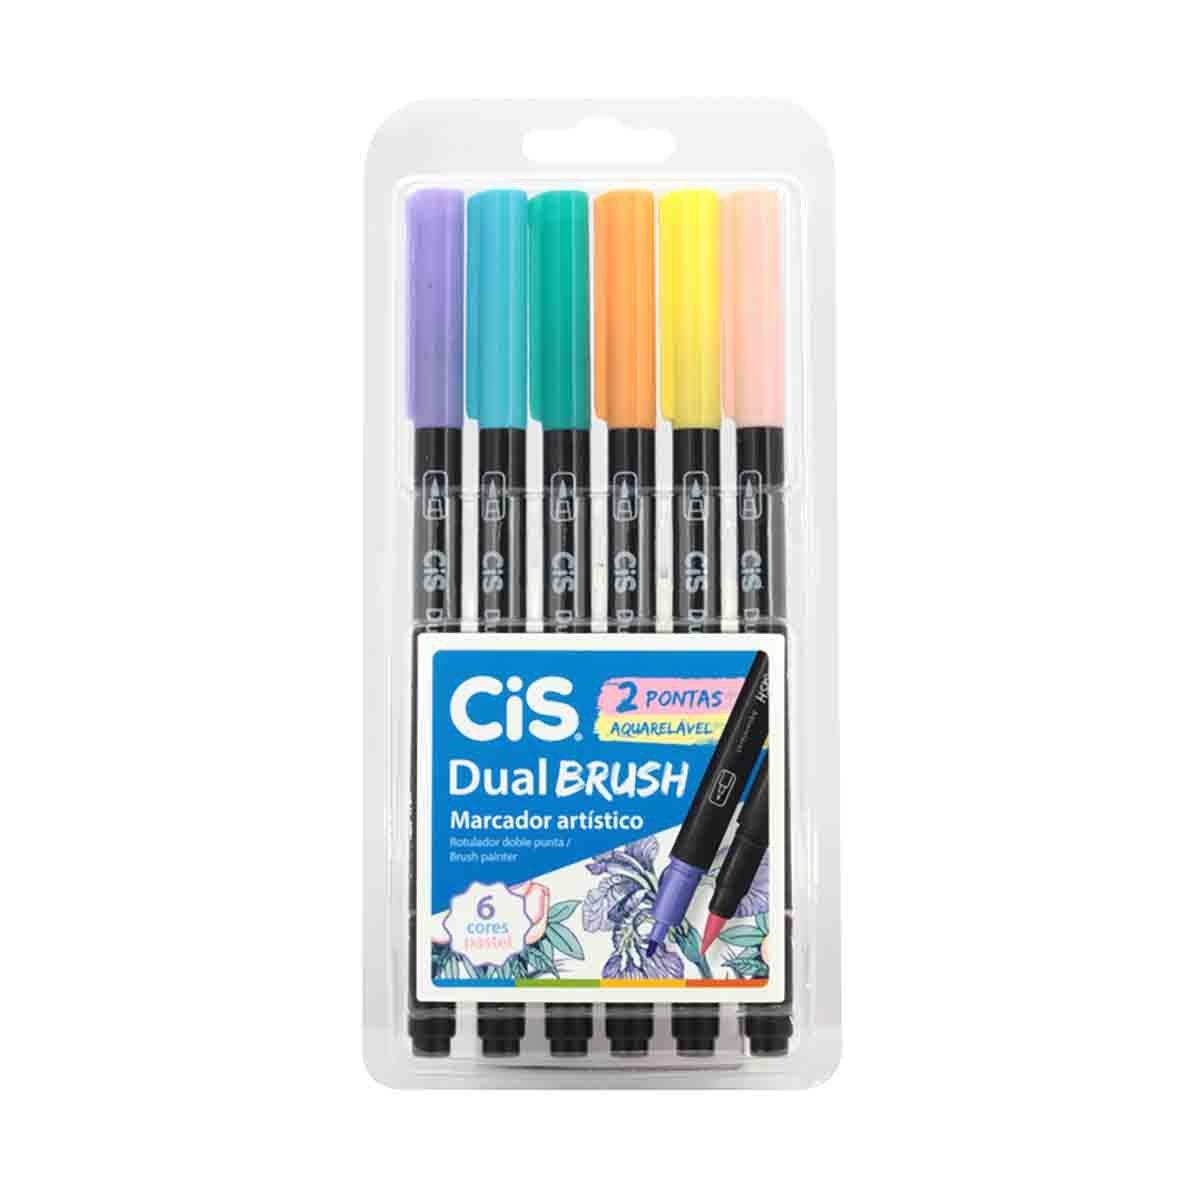 Caneta CIS Dual Brush Estojo c/ 6 Cores Pastel